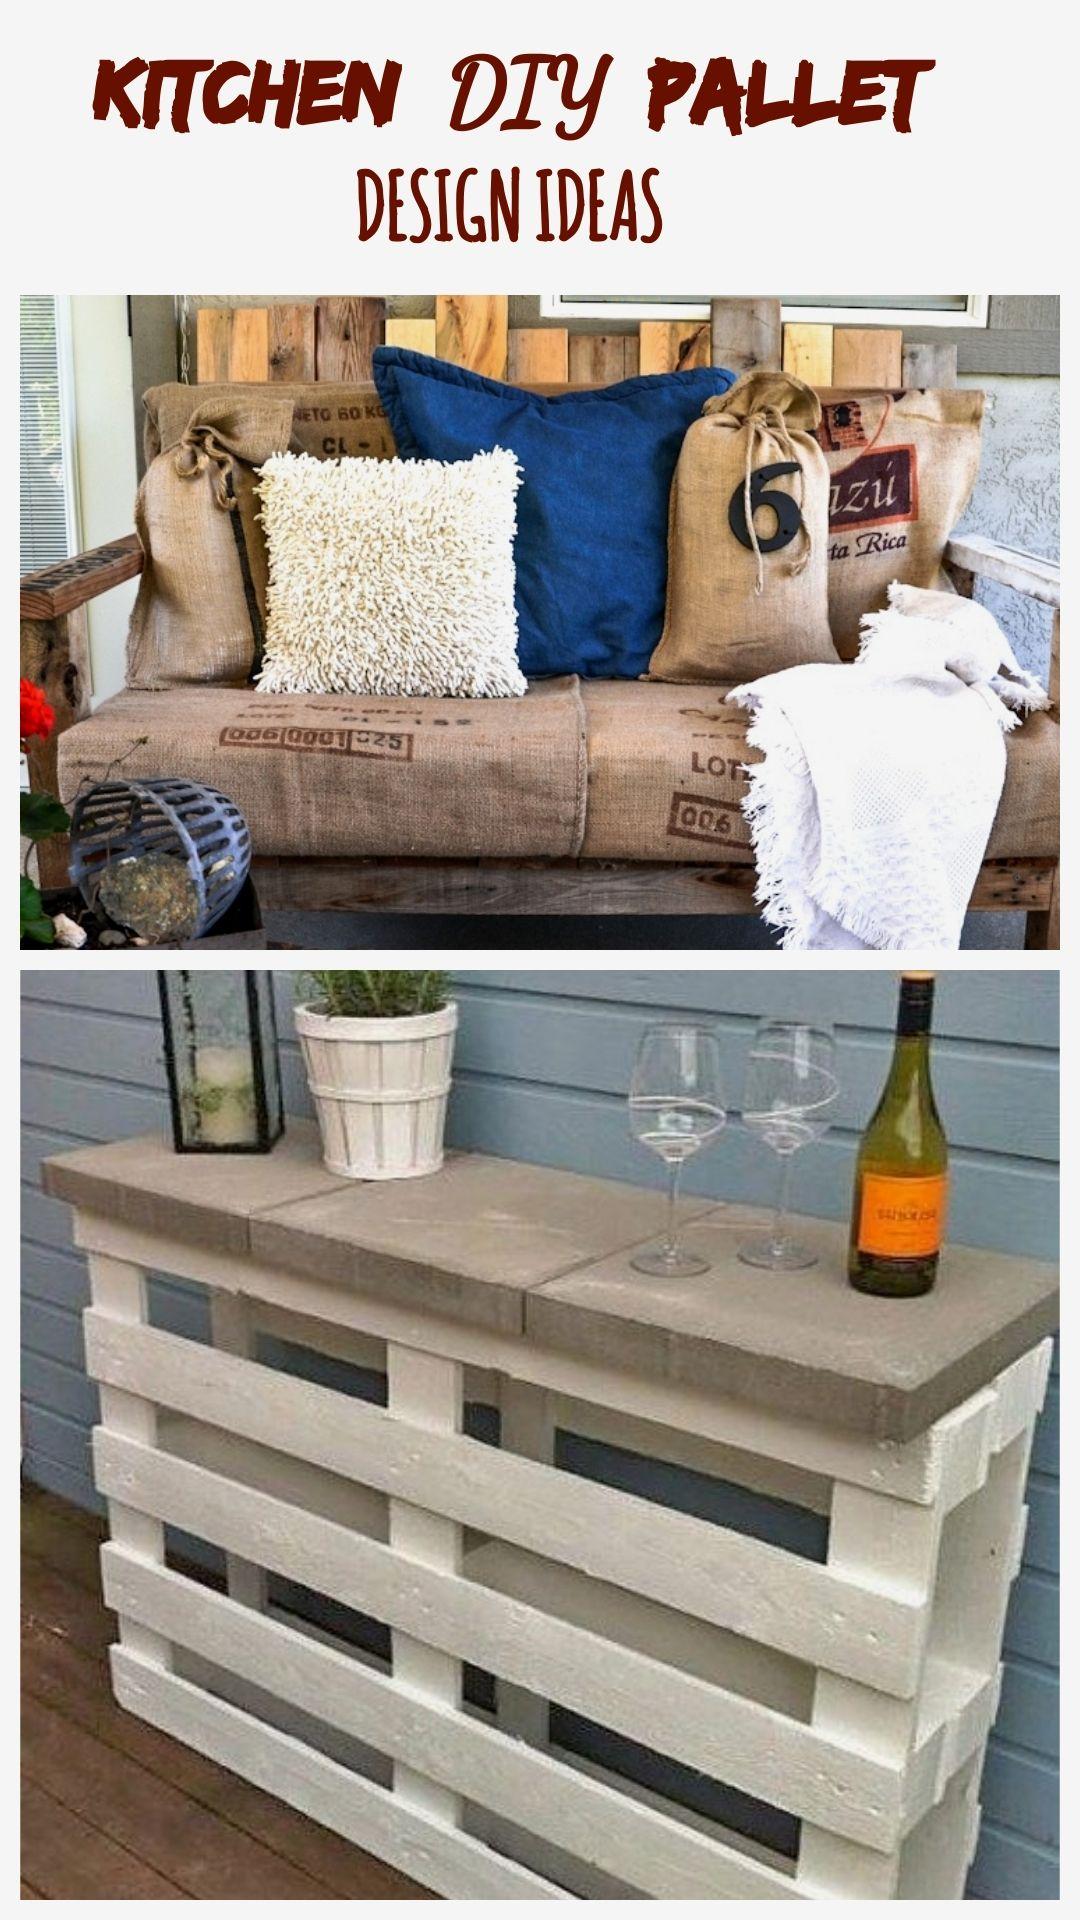 Kitchen Diy Pallet Design Ideas In 2020 Diy Kitchen Pallet